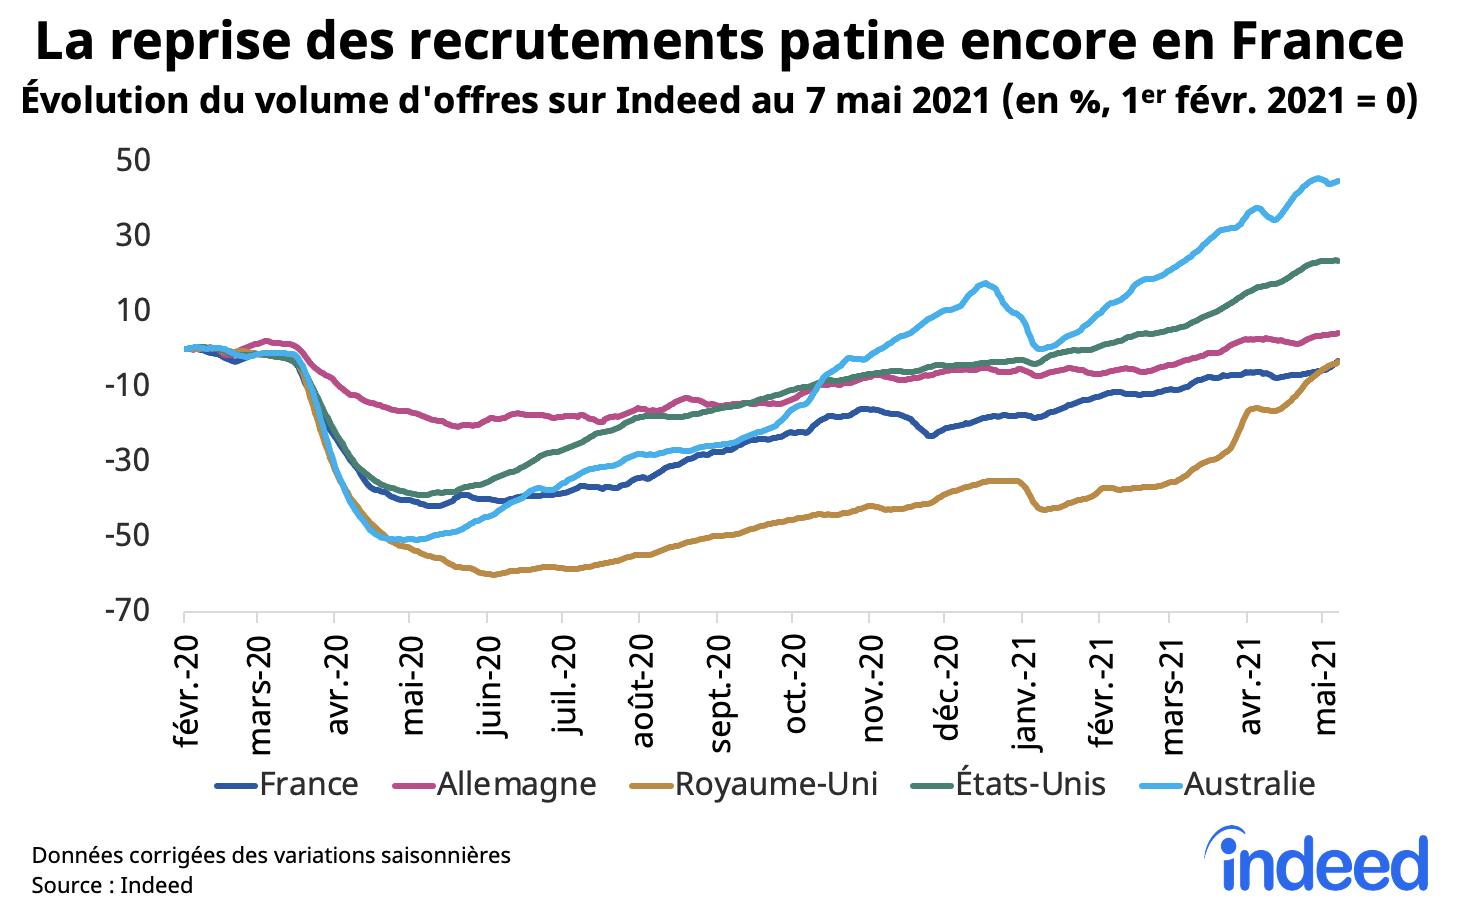 La reprise des recrutements patine encore en France